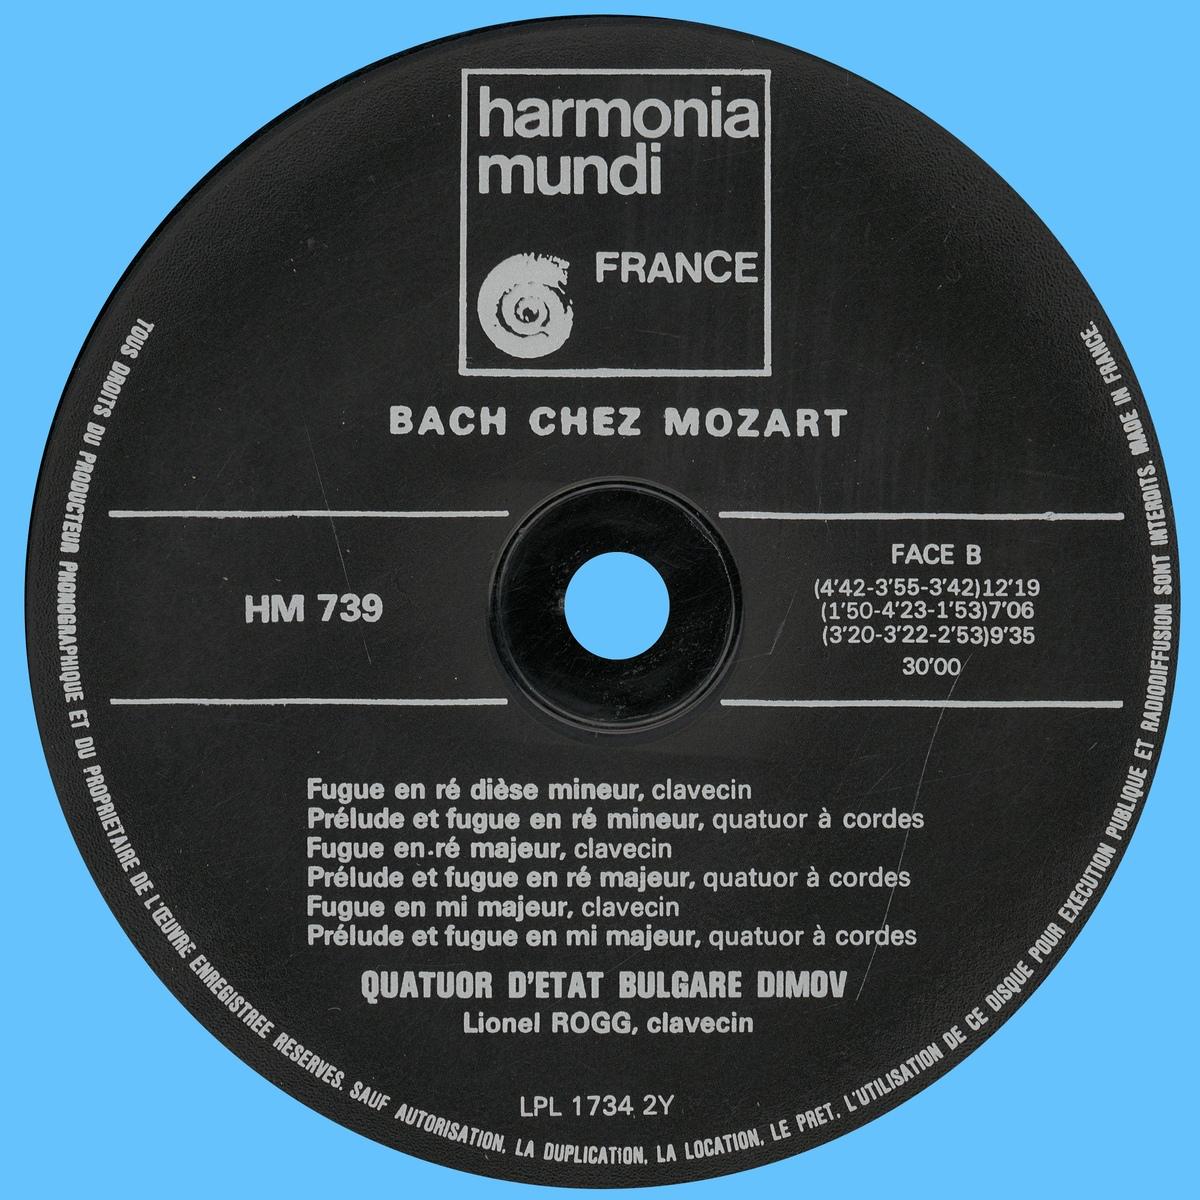 Étiquette verso du disque Harmonia Mundi HM 739